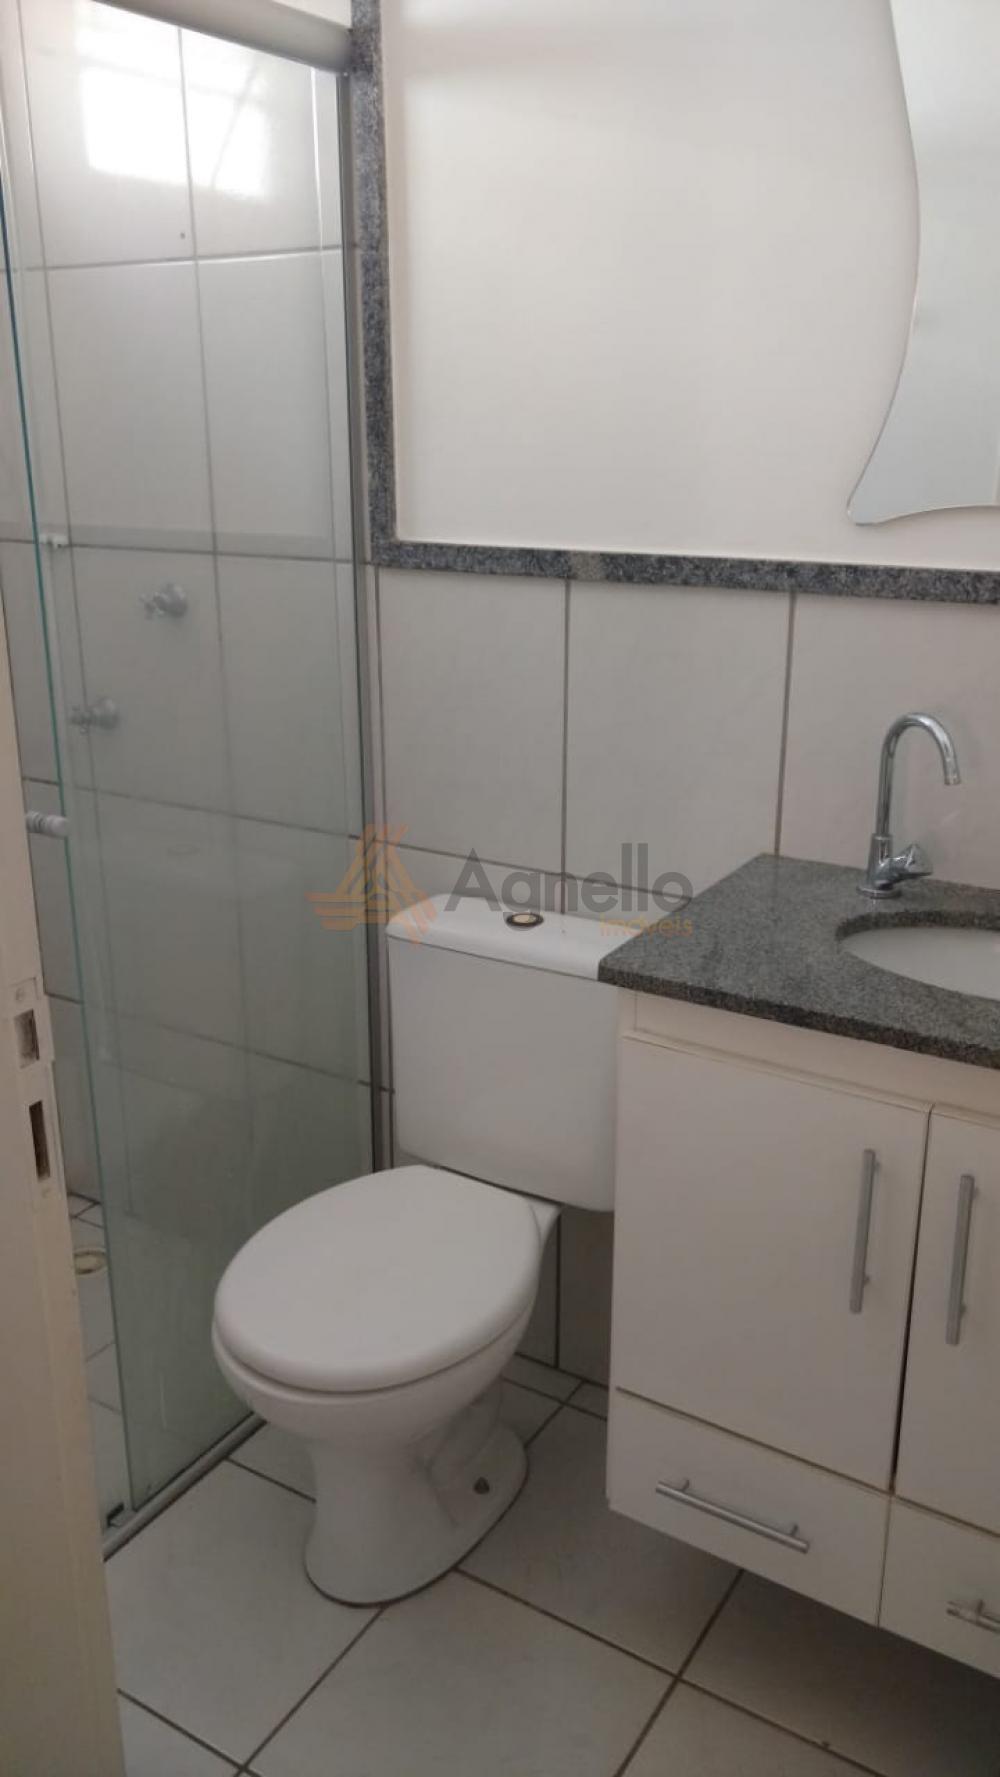 Comprar Casa / Condomínio em Franca apenas R$ 390.000,00 - Foto 4